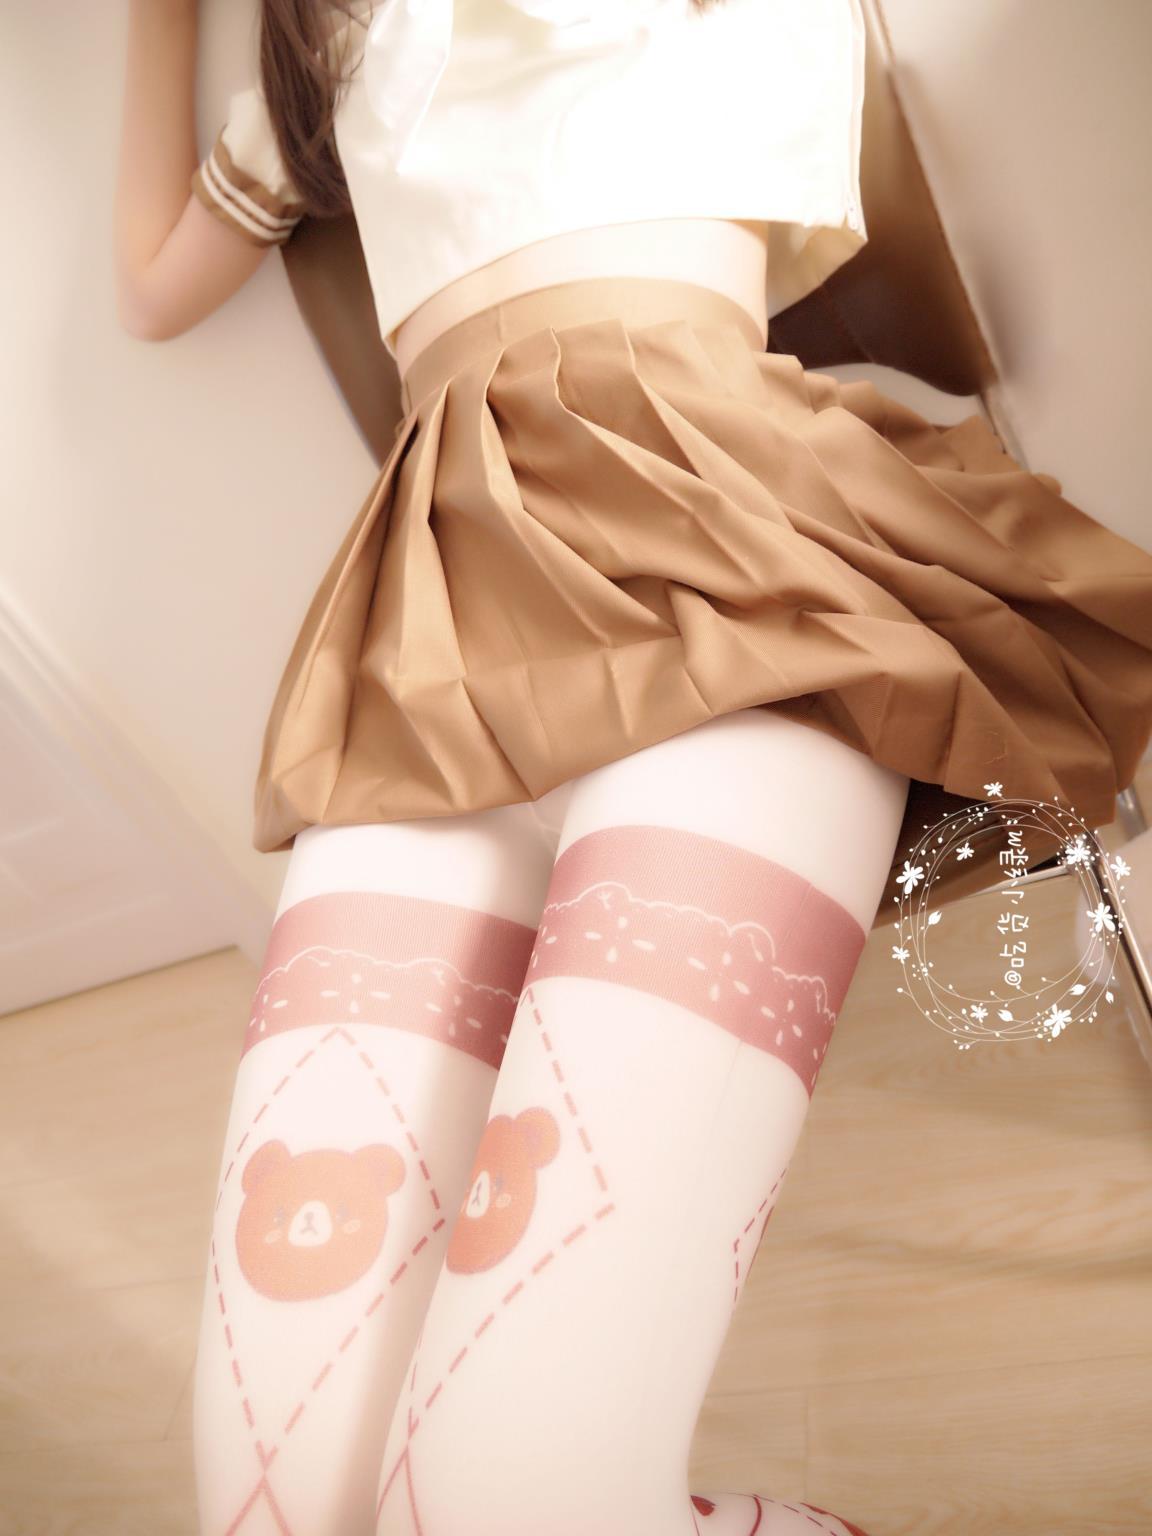 萝莉网红 吃货小绿 白丝短裙镂空学生装 无圣光写真套图